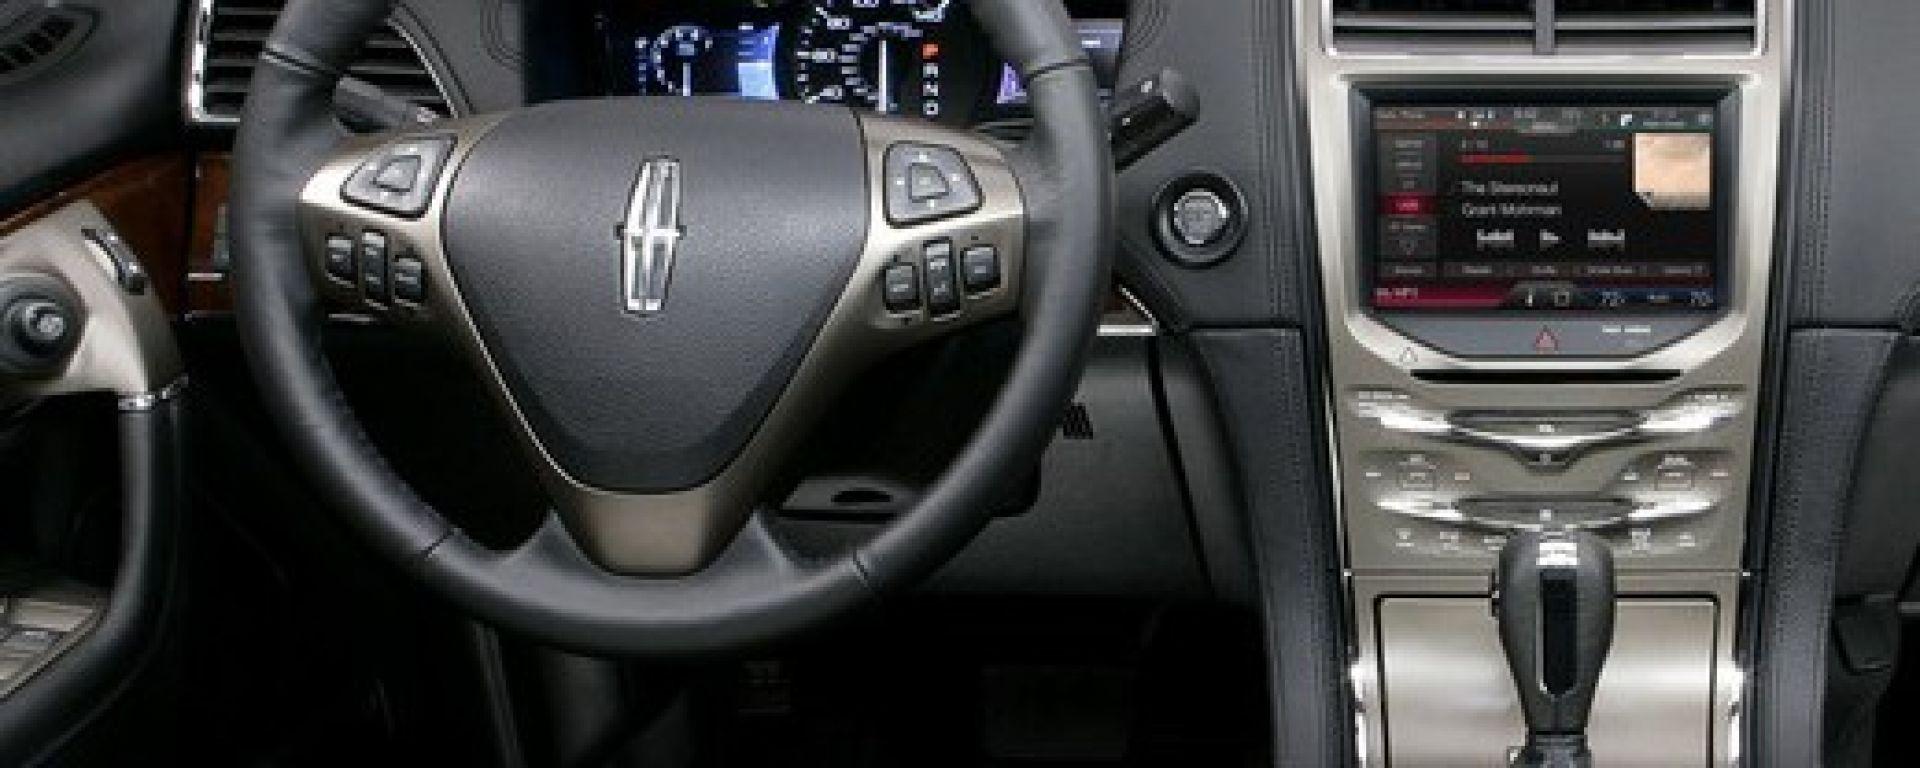 L'auto diventa multimediale